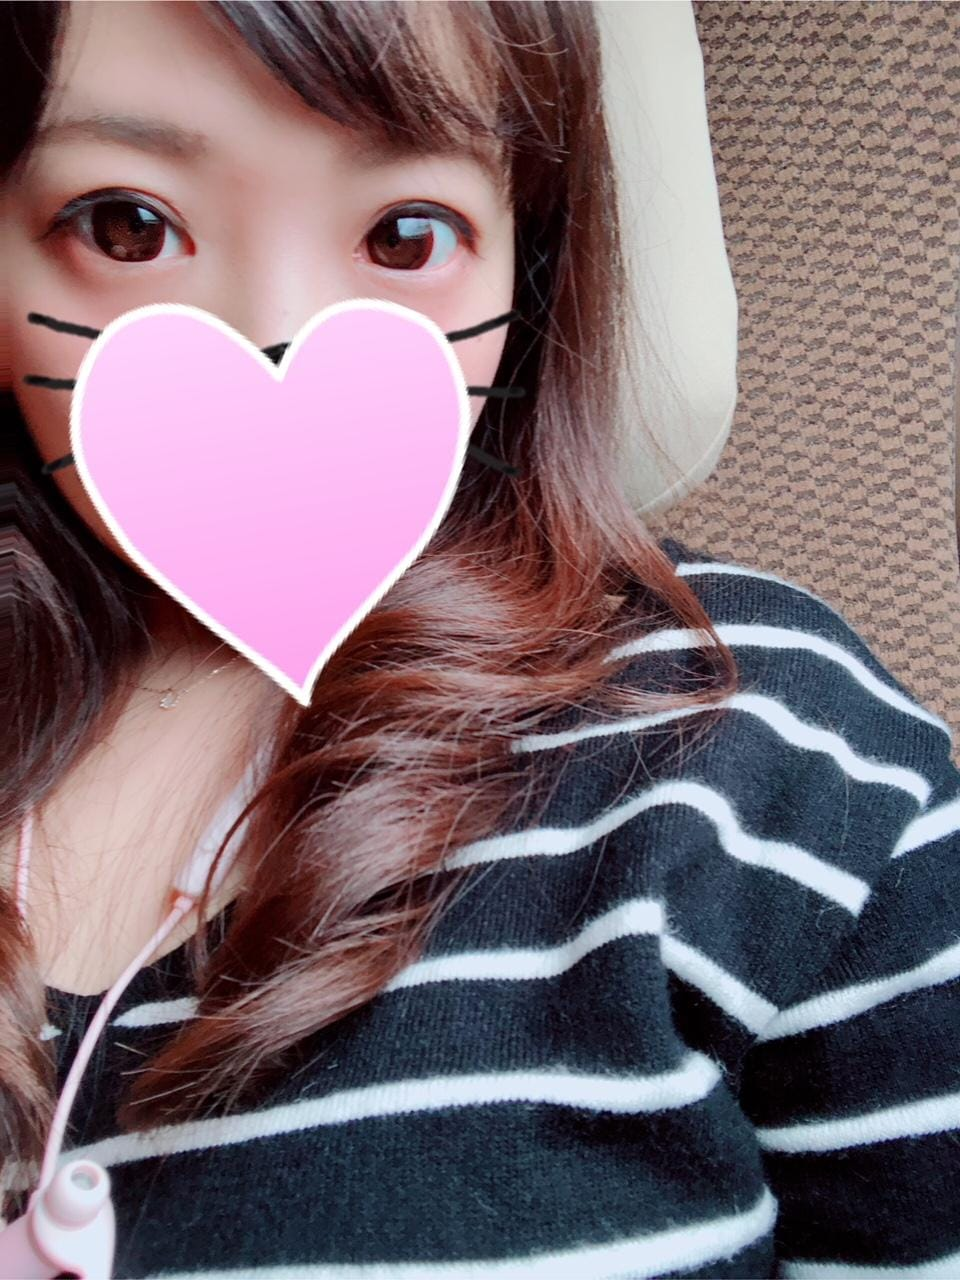 「おはようございます\(^^)/」09/24(月) 10:08 | チヒロの写メ・風俗動画